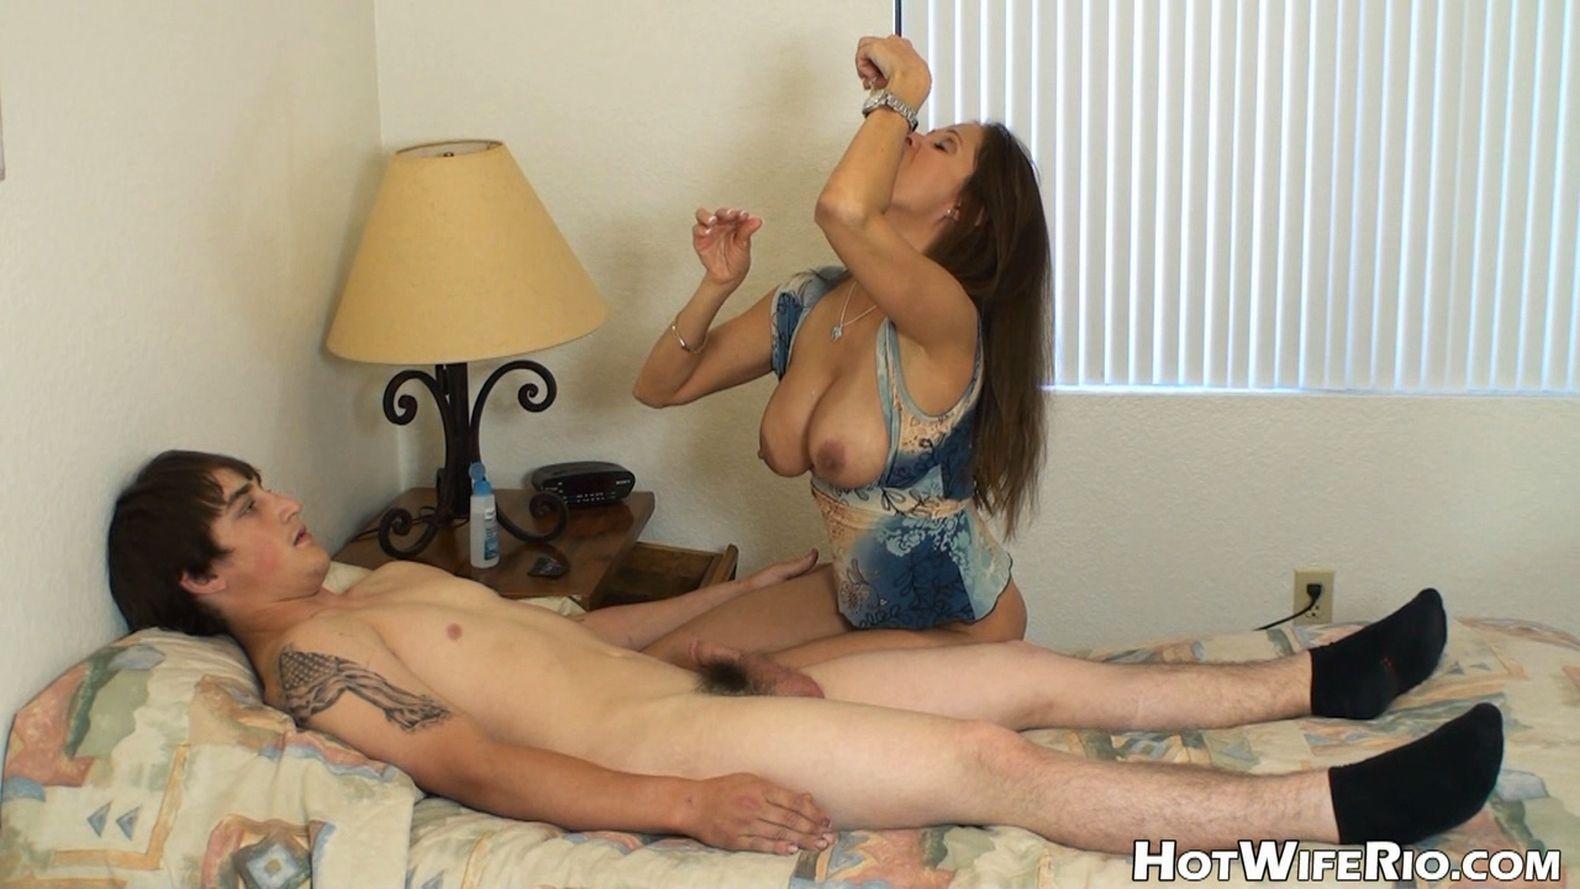 hot girls covered in cum gif